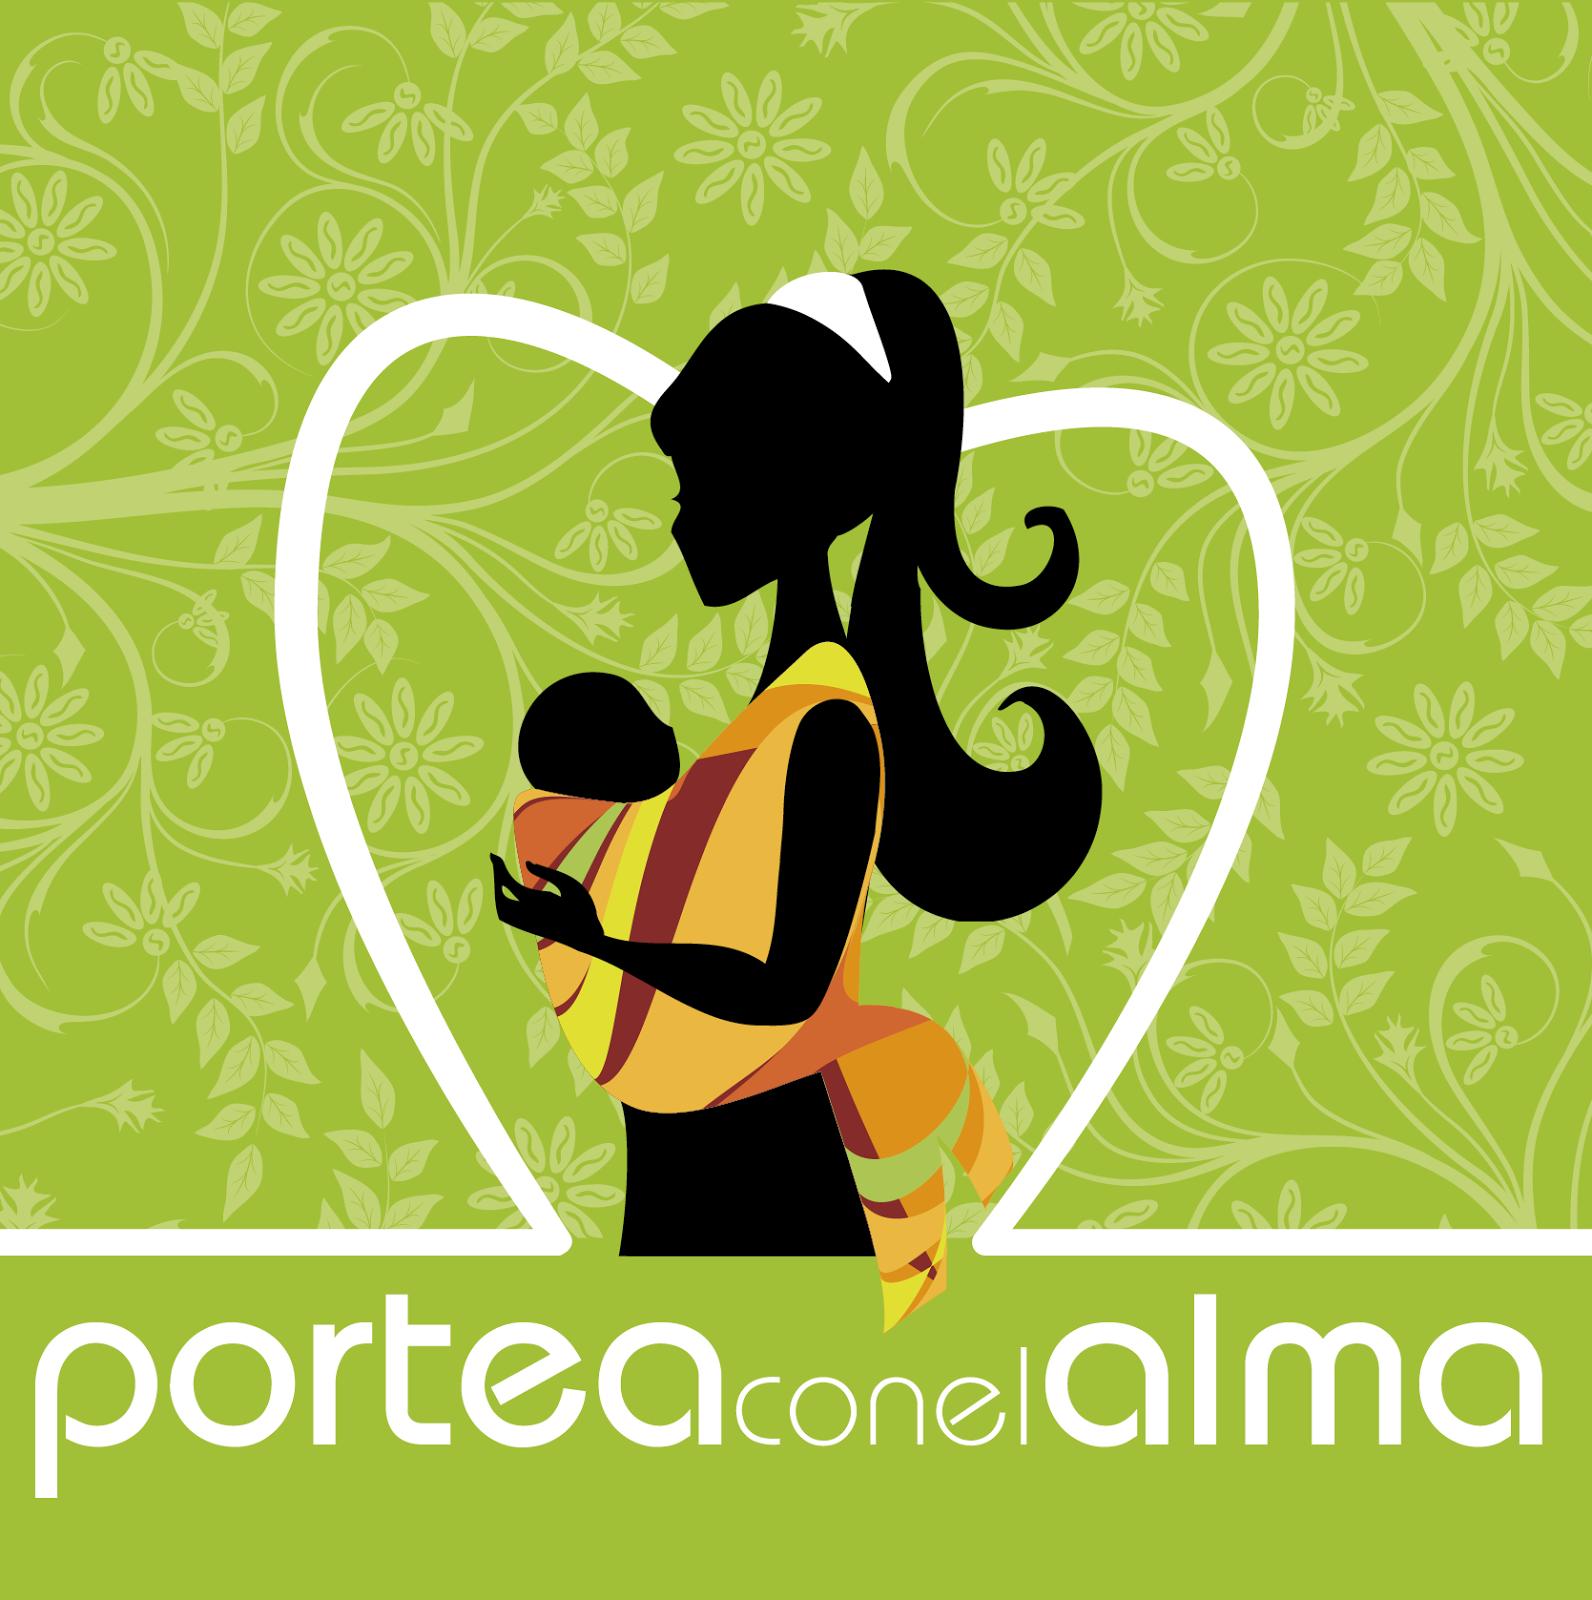 http://meetingmum.blogspot.com.es/2014/10/portea-con-el-alma-patrocinador-del.html